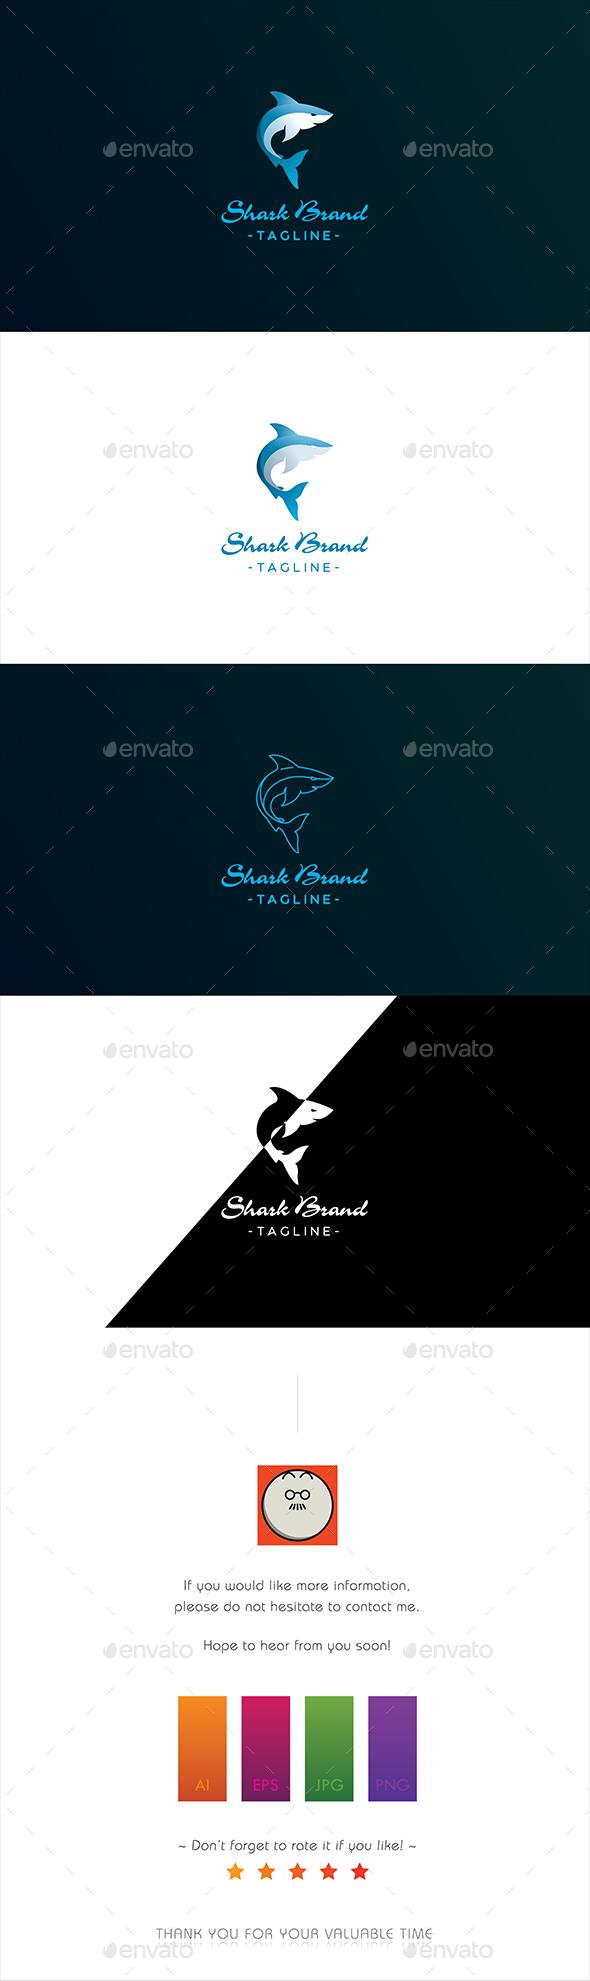 GraphicRiver Shark Brand logo 20258672